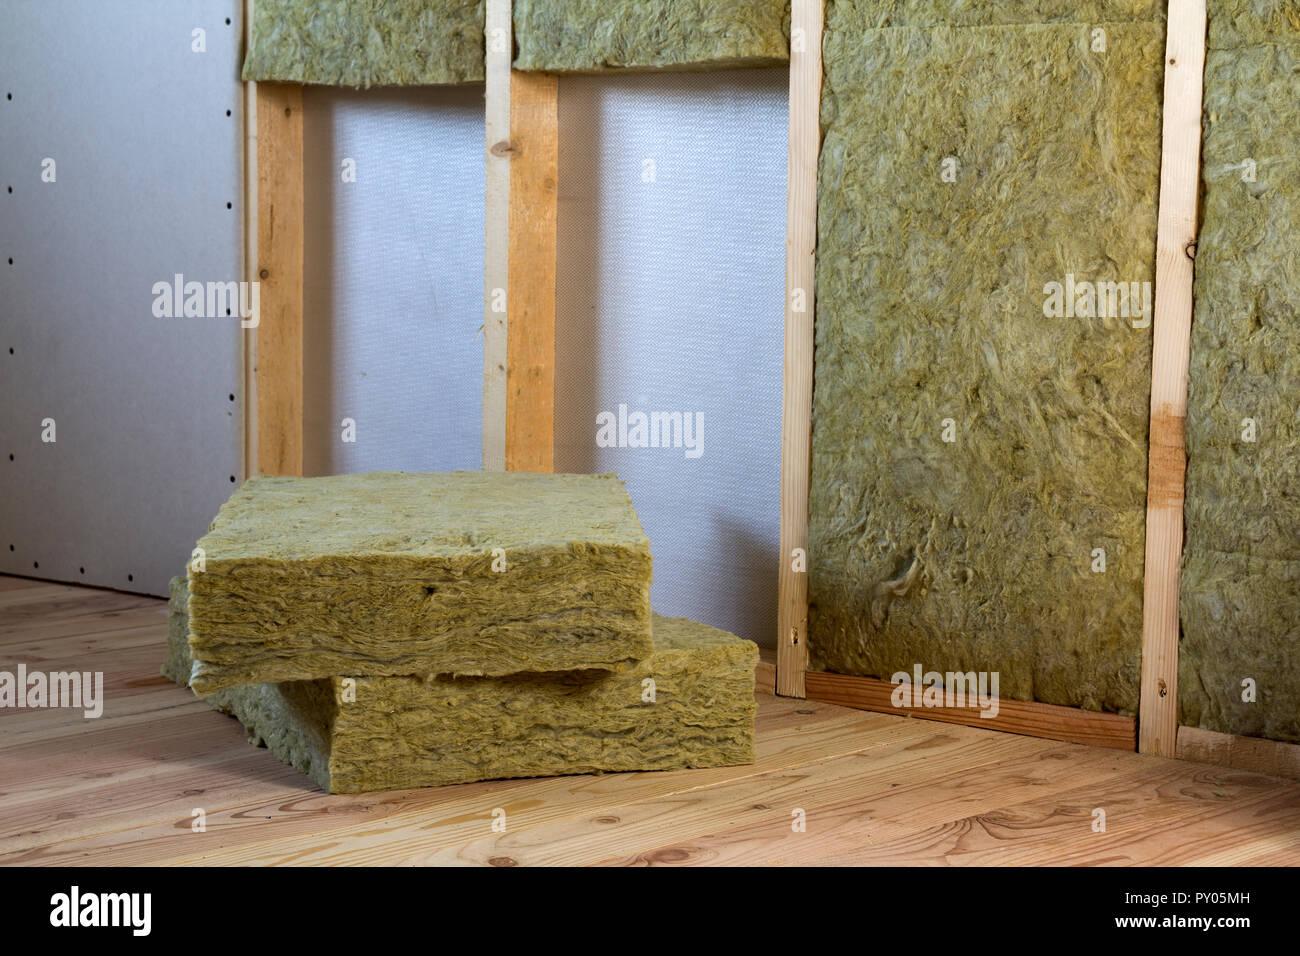 Holzrahmen für zukünftige Wände mit Gipskarton Platten mit ...